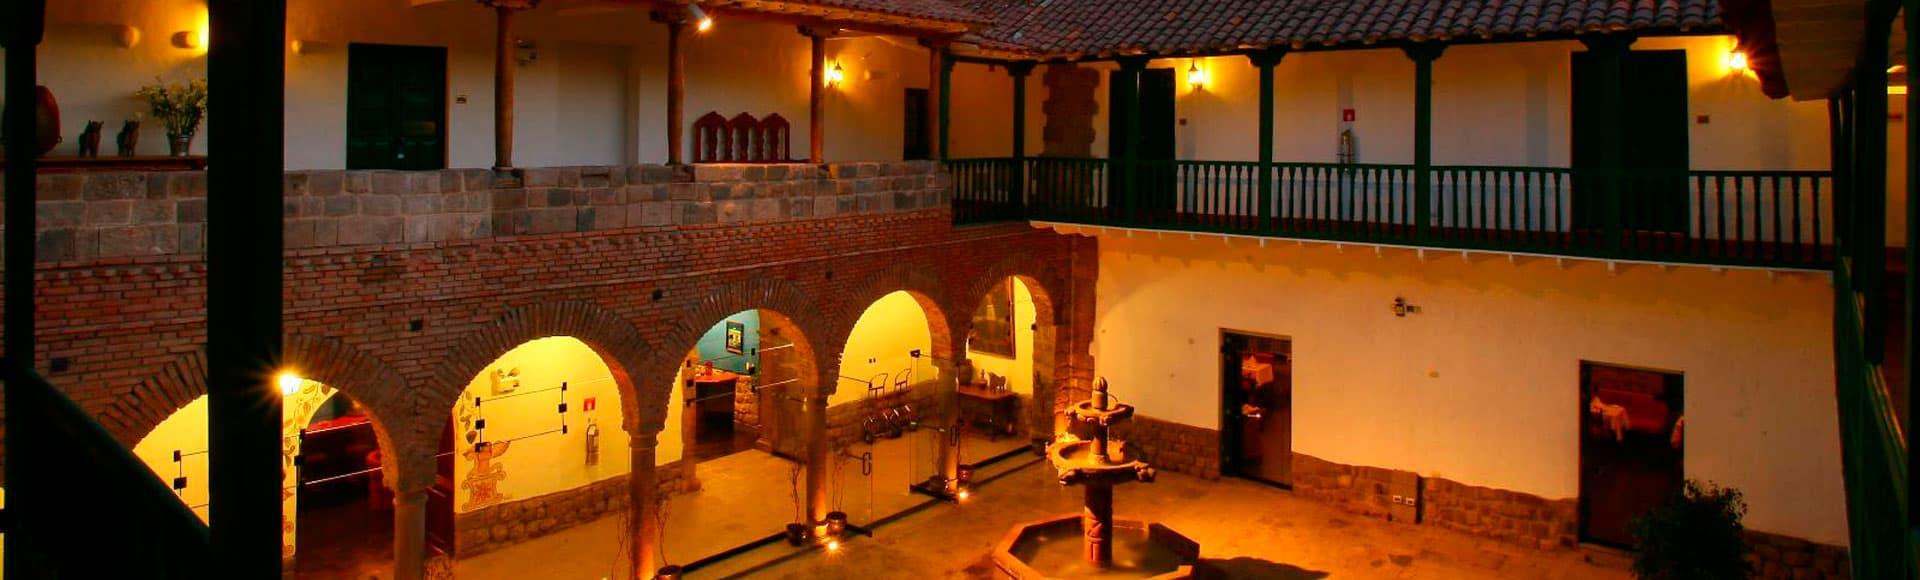 Casa andina classic cusco catedral 3 star per tours sta for Casa andina classic cusco koricancha